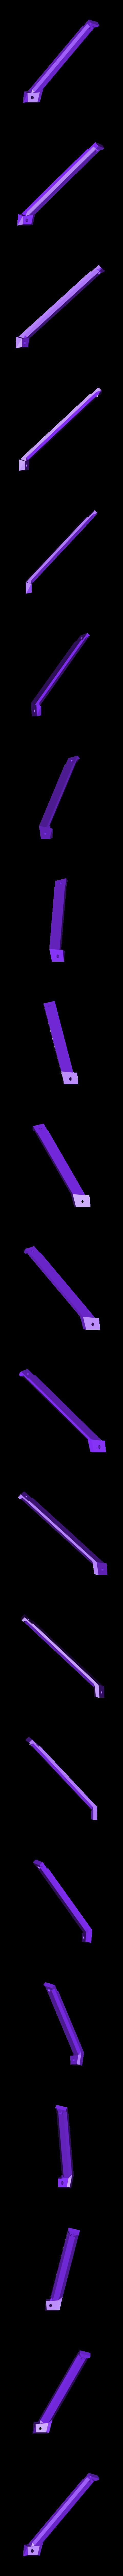 Ep_Jambe.stl Download STL file Shoulder pad for DSLR type GH4, 5D • 3D print design, Smile